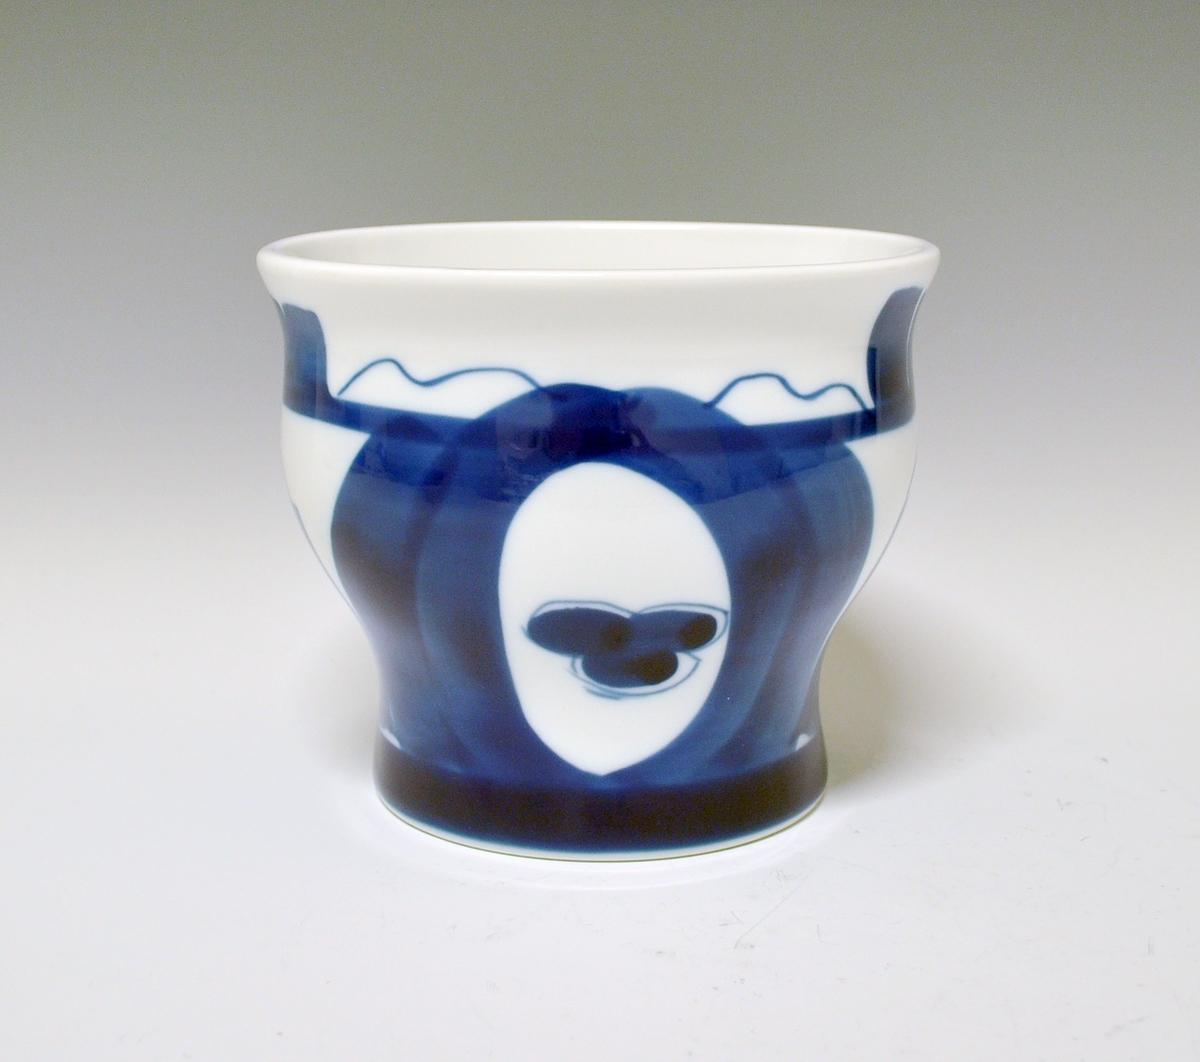 Vase i porselen. Bølget form, sirkelformet fot og oval åpning på toppen. Hvit glasur. Blå underglasurdekor. Kunstner: Unni M. Johnsen.